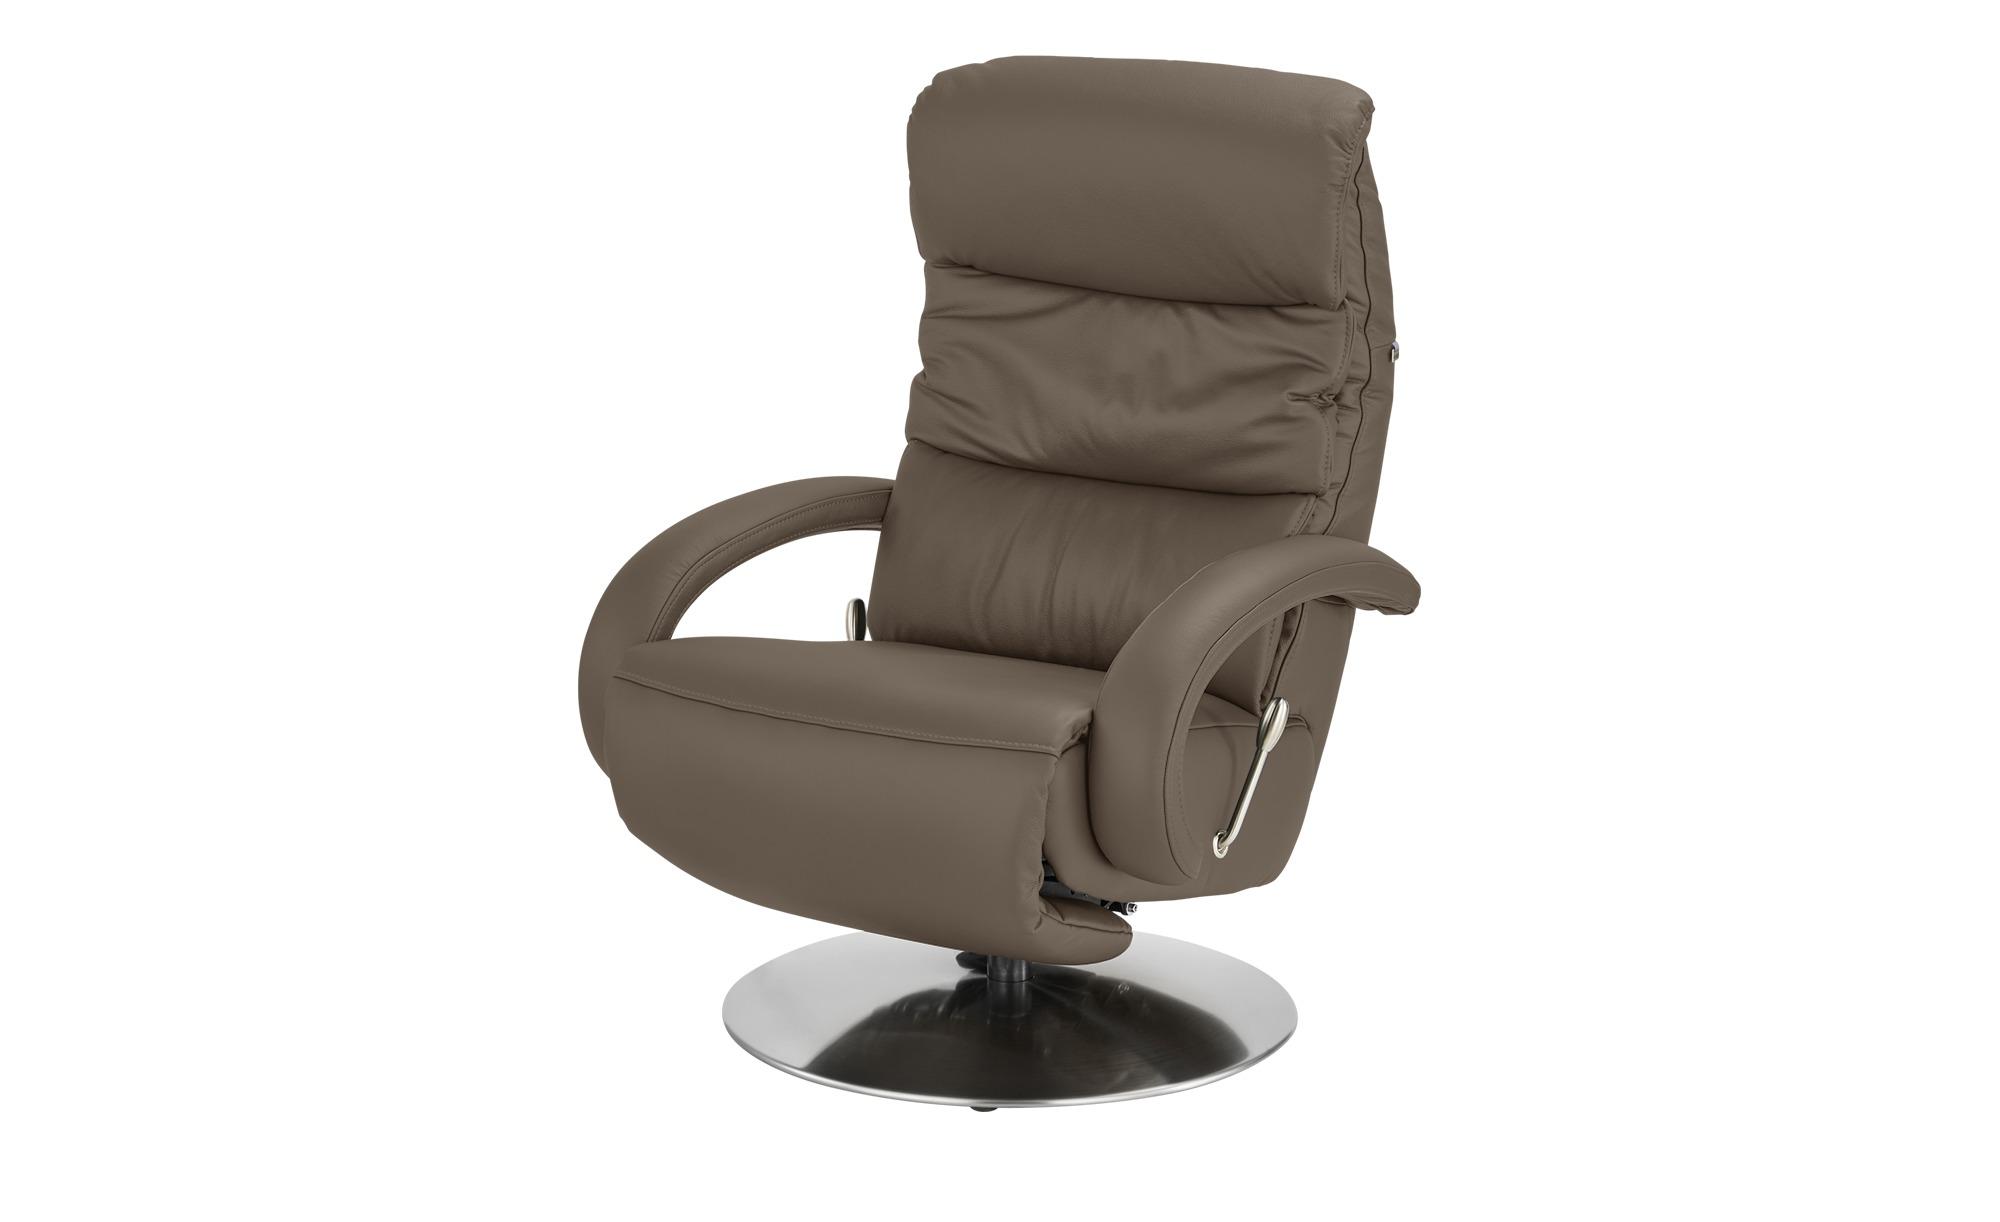 Hukla Leder-Relaxsessel braun - Leder Florian ¦ braun ¦ Maße (cm): B: 73 T: 91 Polstermöbel > Sessel > Fernsehsessel - Höffner